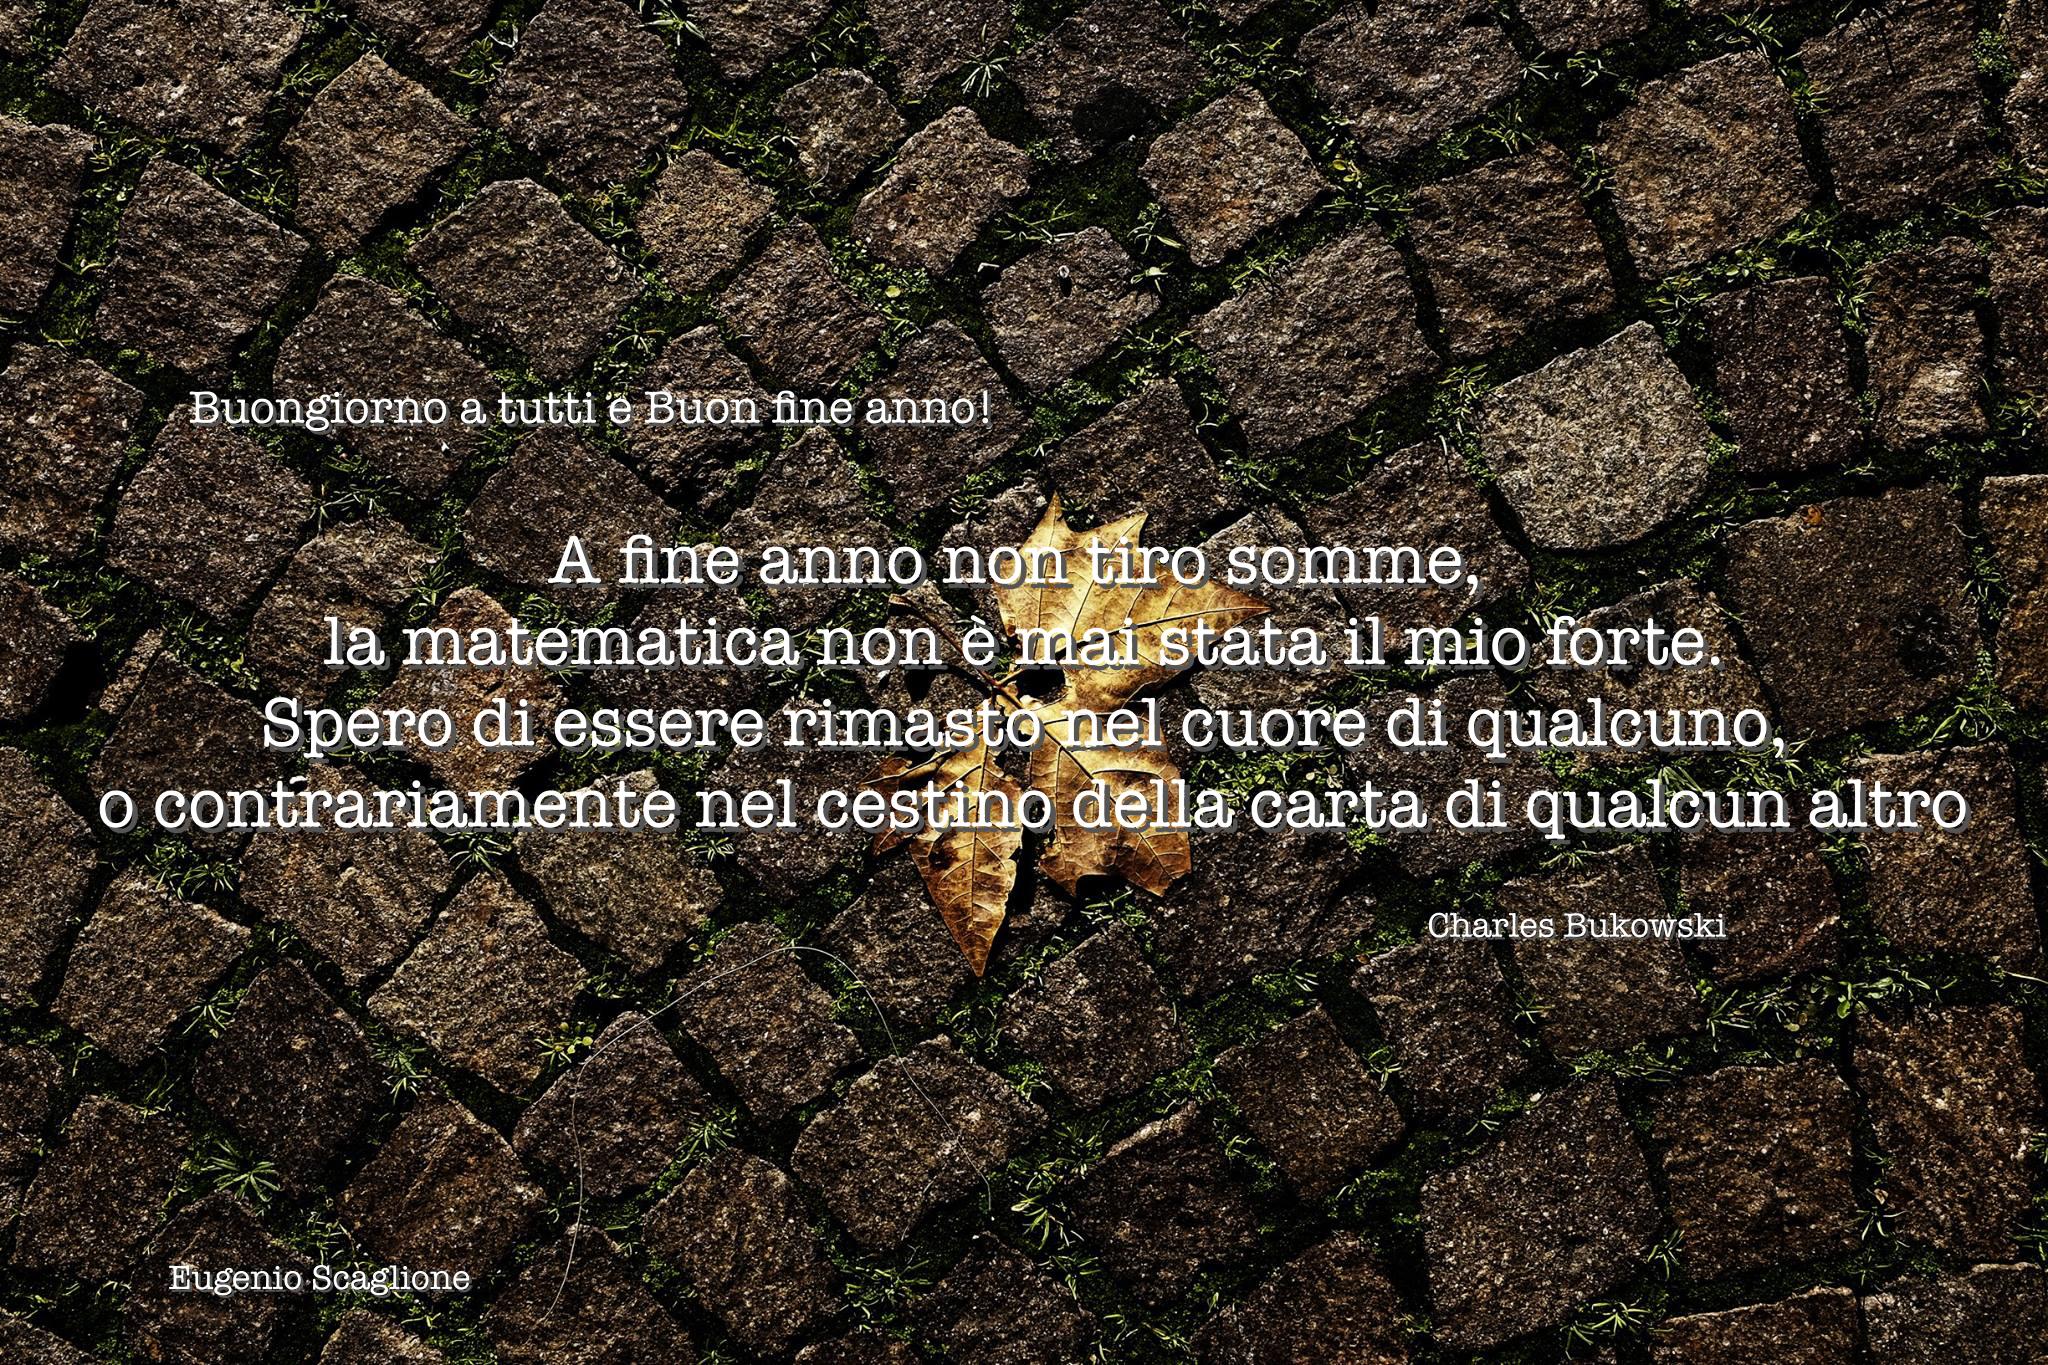 Scaglio foglia morta_ buongiorno 2015 12 31